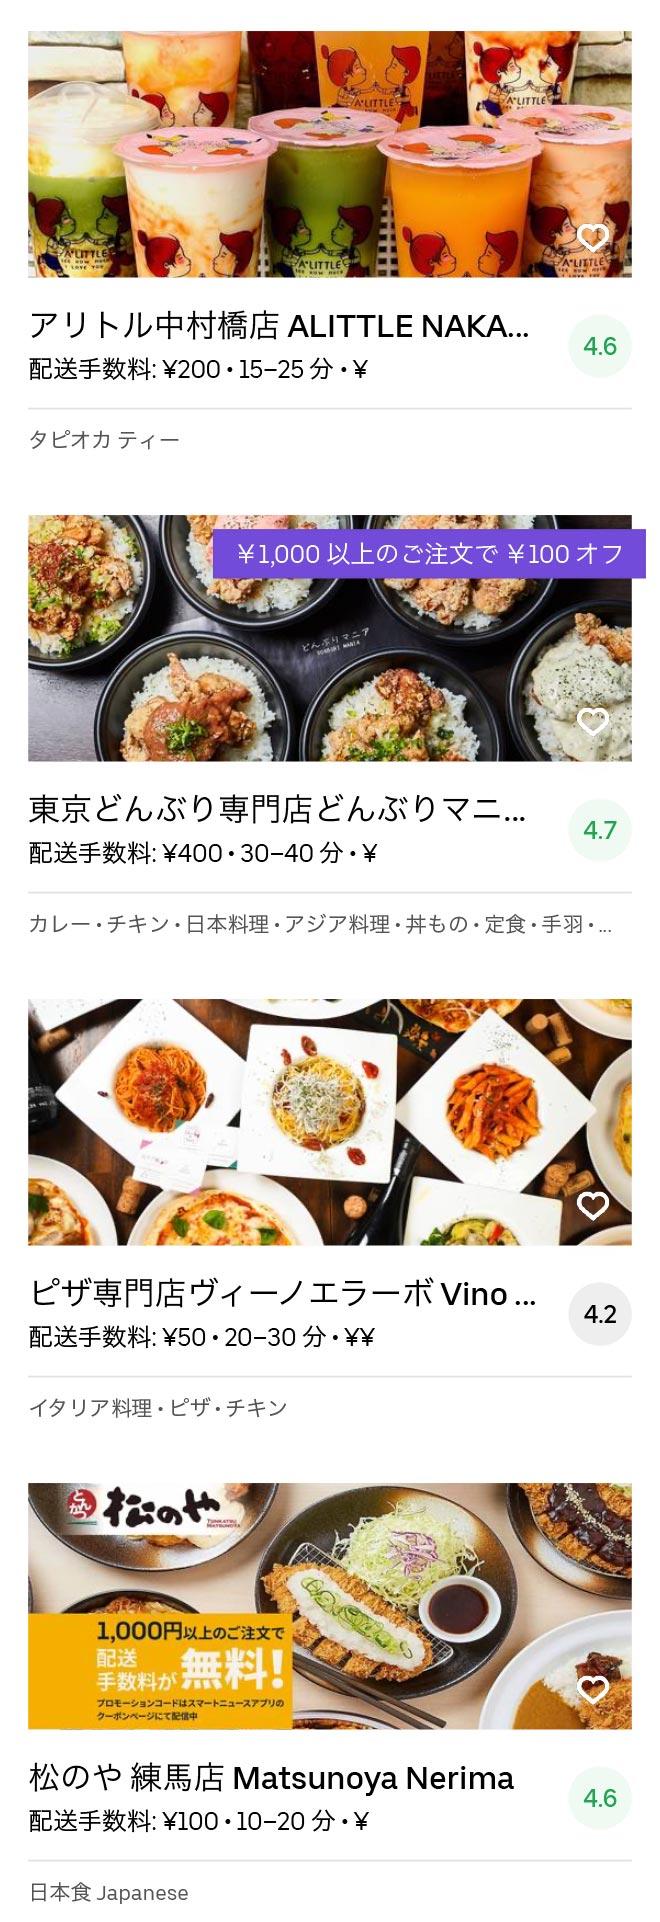 Tokyo nerima menu 2005 09